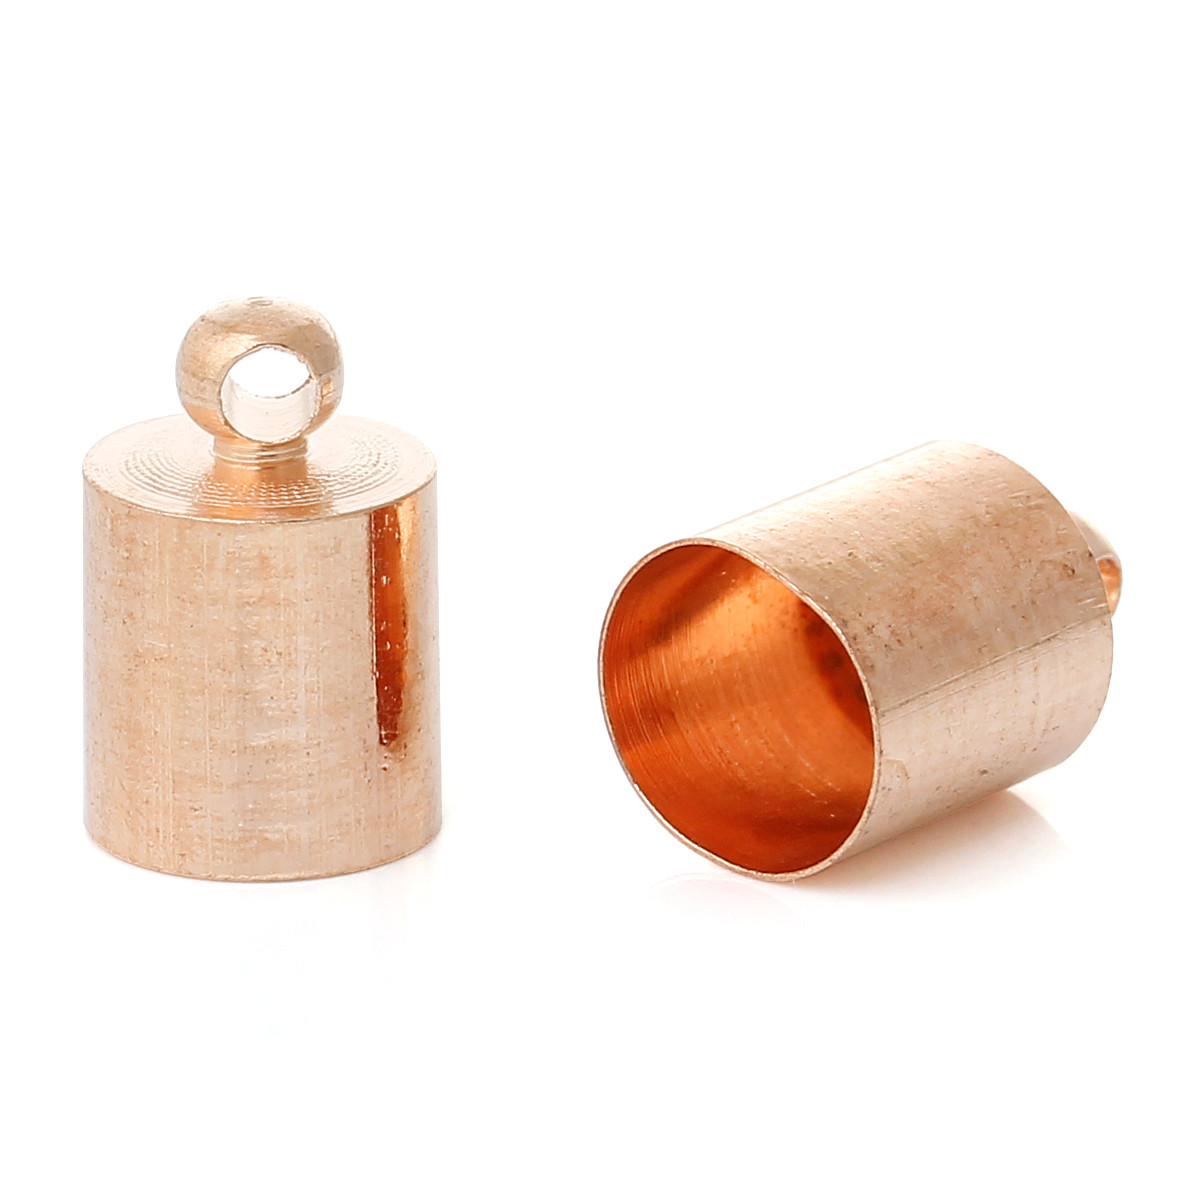 Концевик для ожерелья, Цинковый сплав, Цилиндр, Розово-золотой, 11мм x 7мм